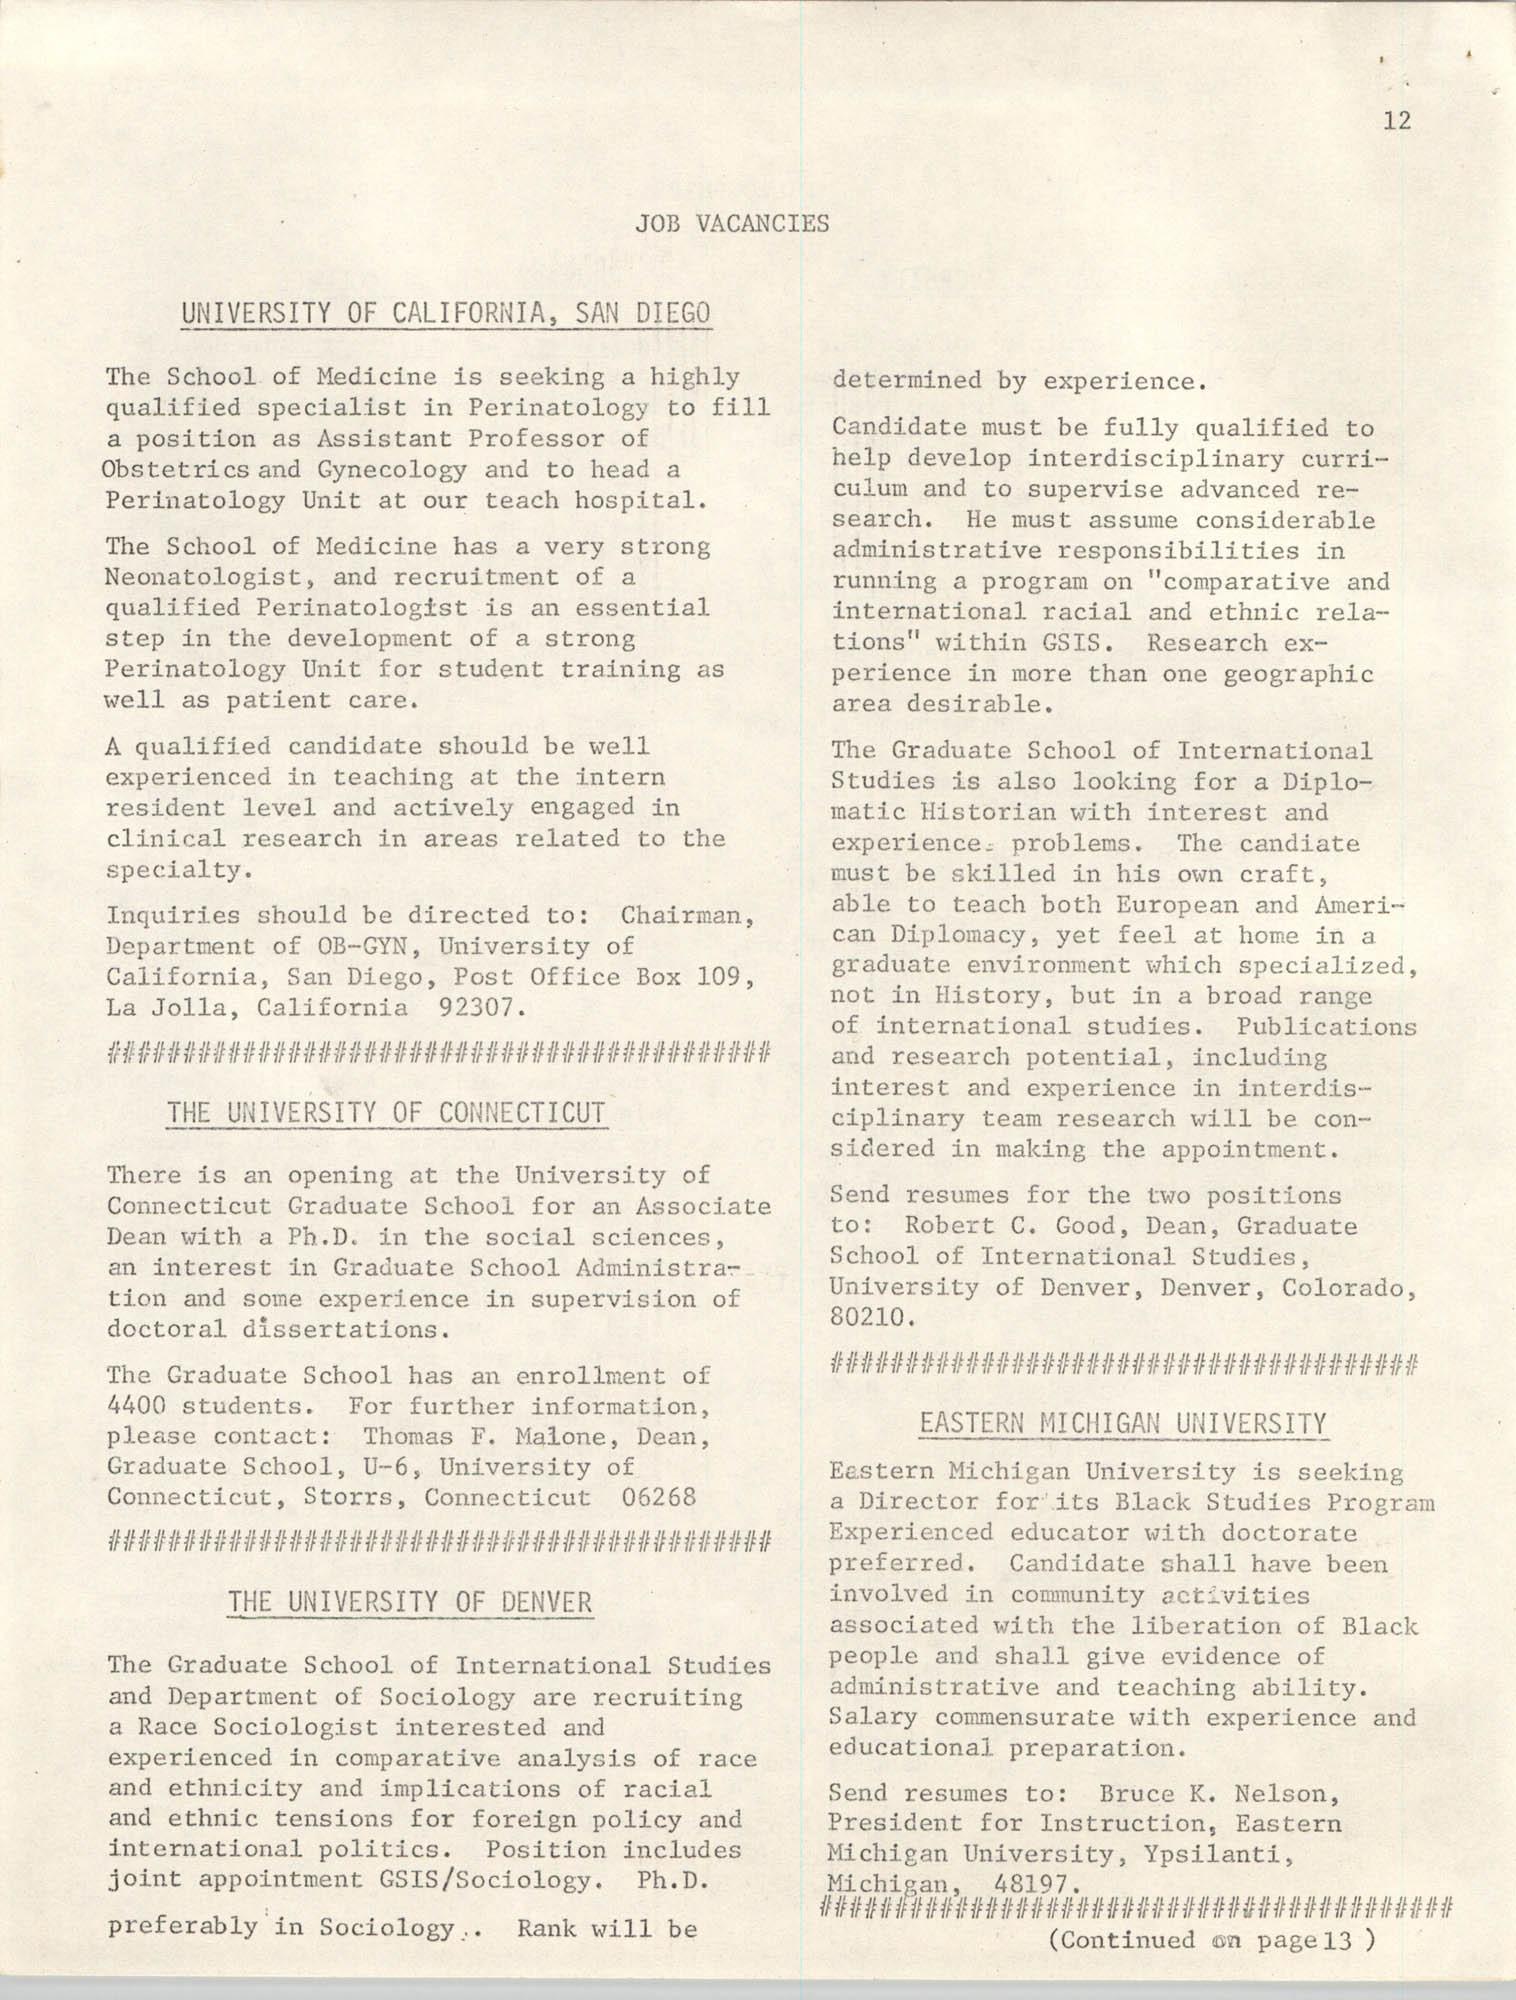 SHARE, Volume I, Number 8, April 1973, Page 12